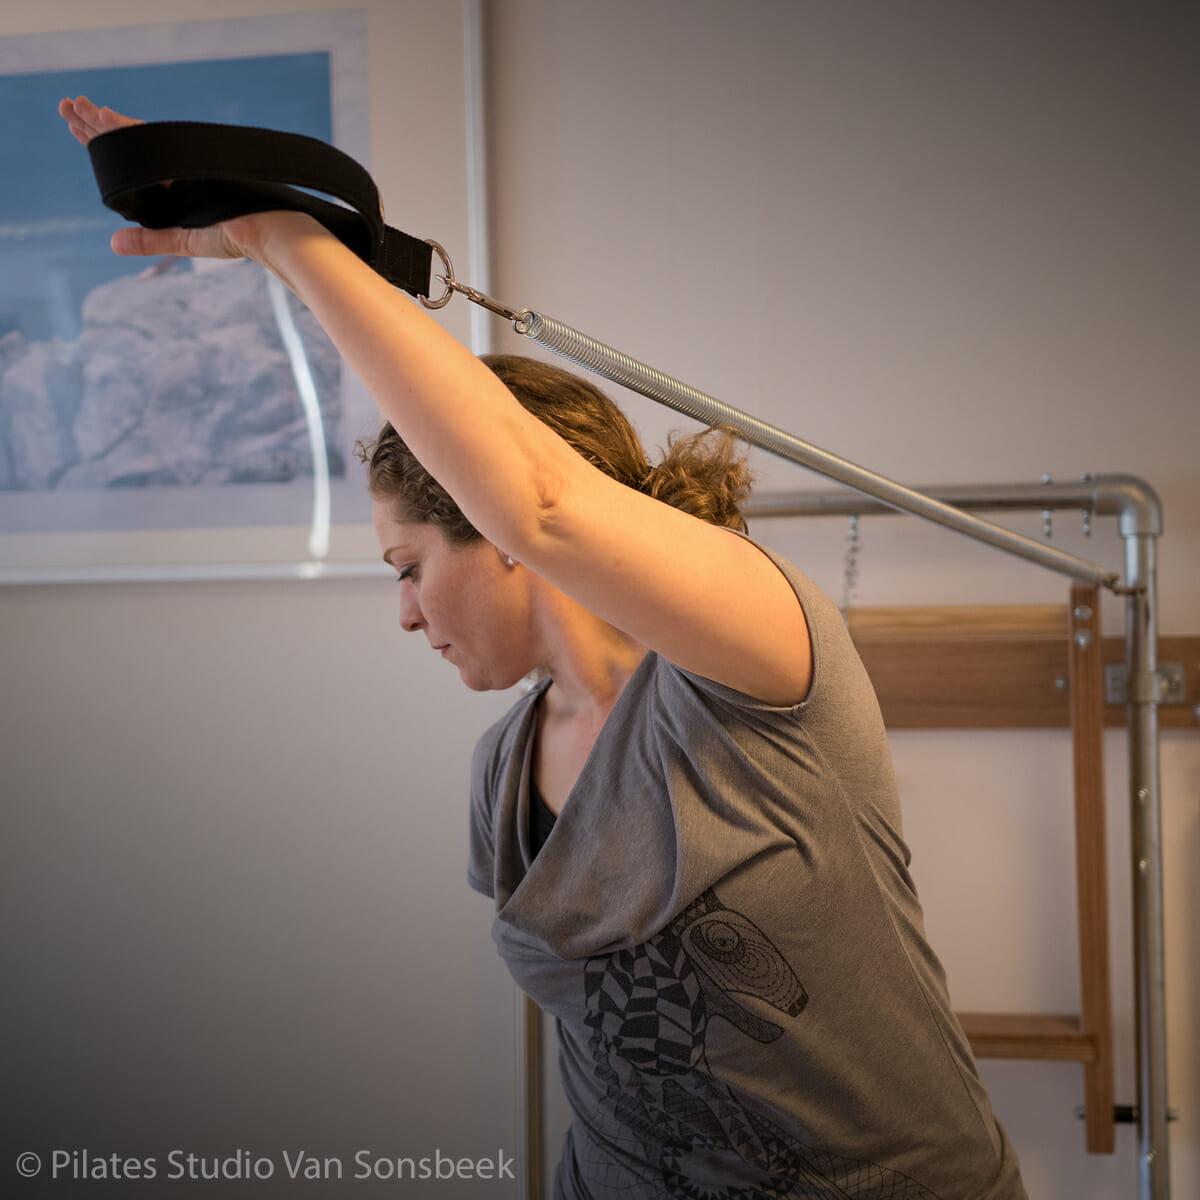 Butterfly met Arm Springs van Wall Tower (Pilates Studio Van Sonsbeek)